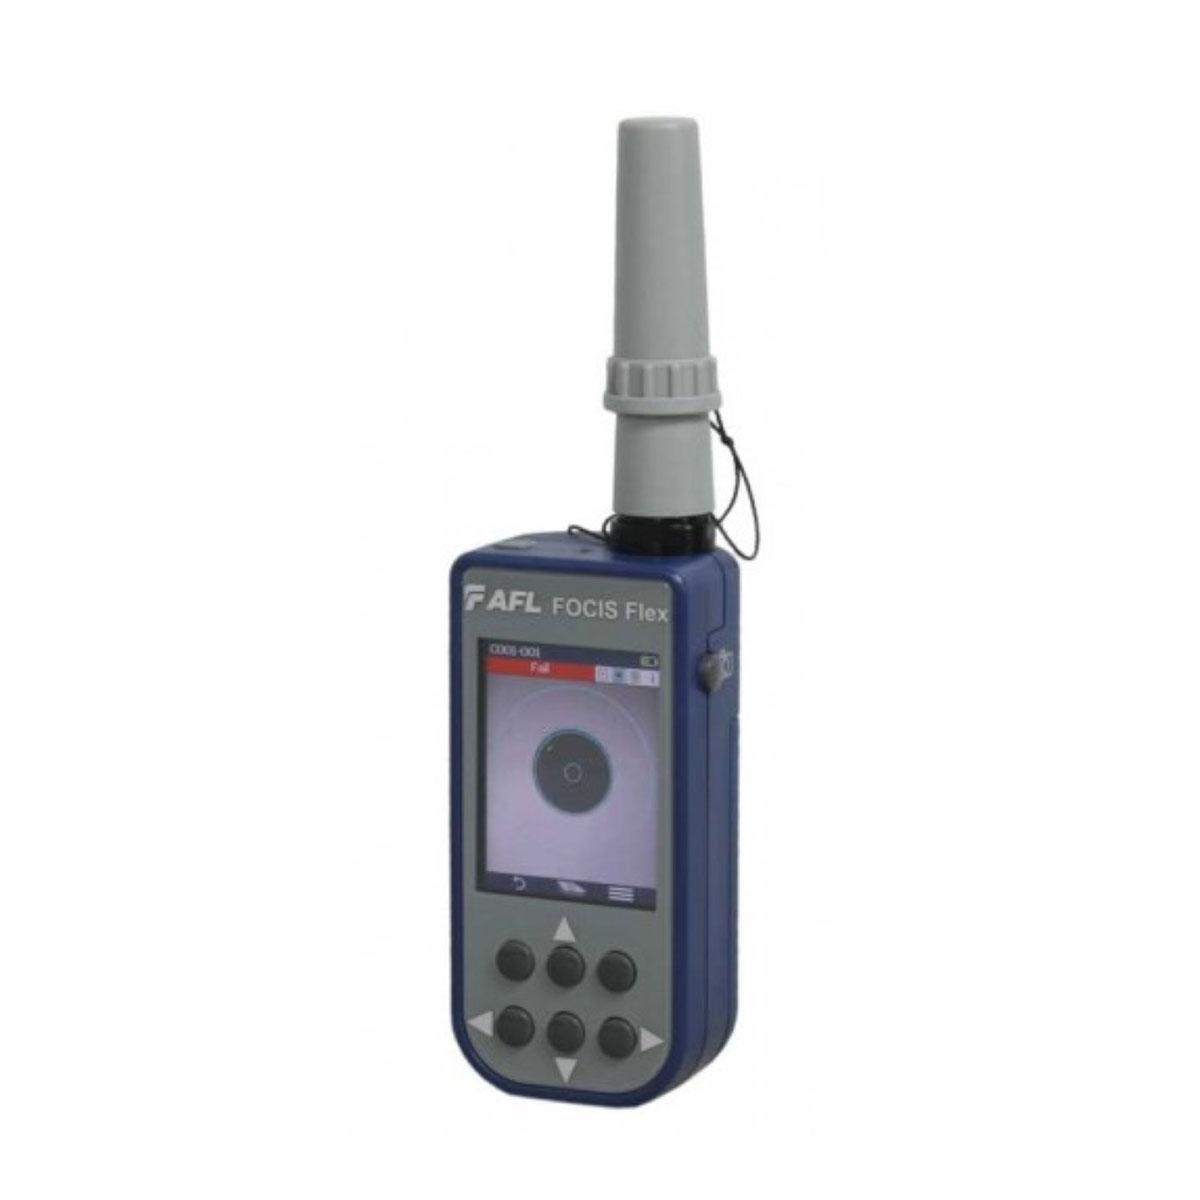 Sistema de inspección de conectores de fibra optica AFL FOCIS Flex